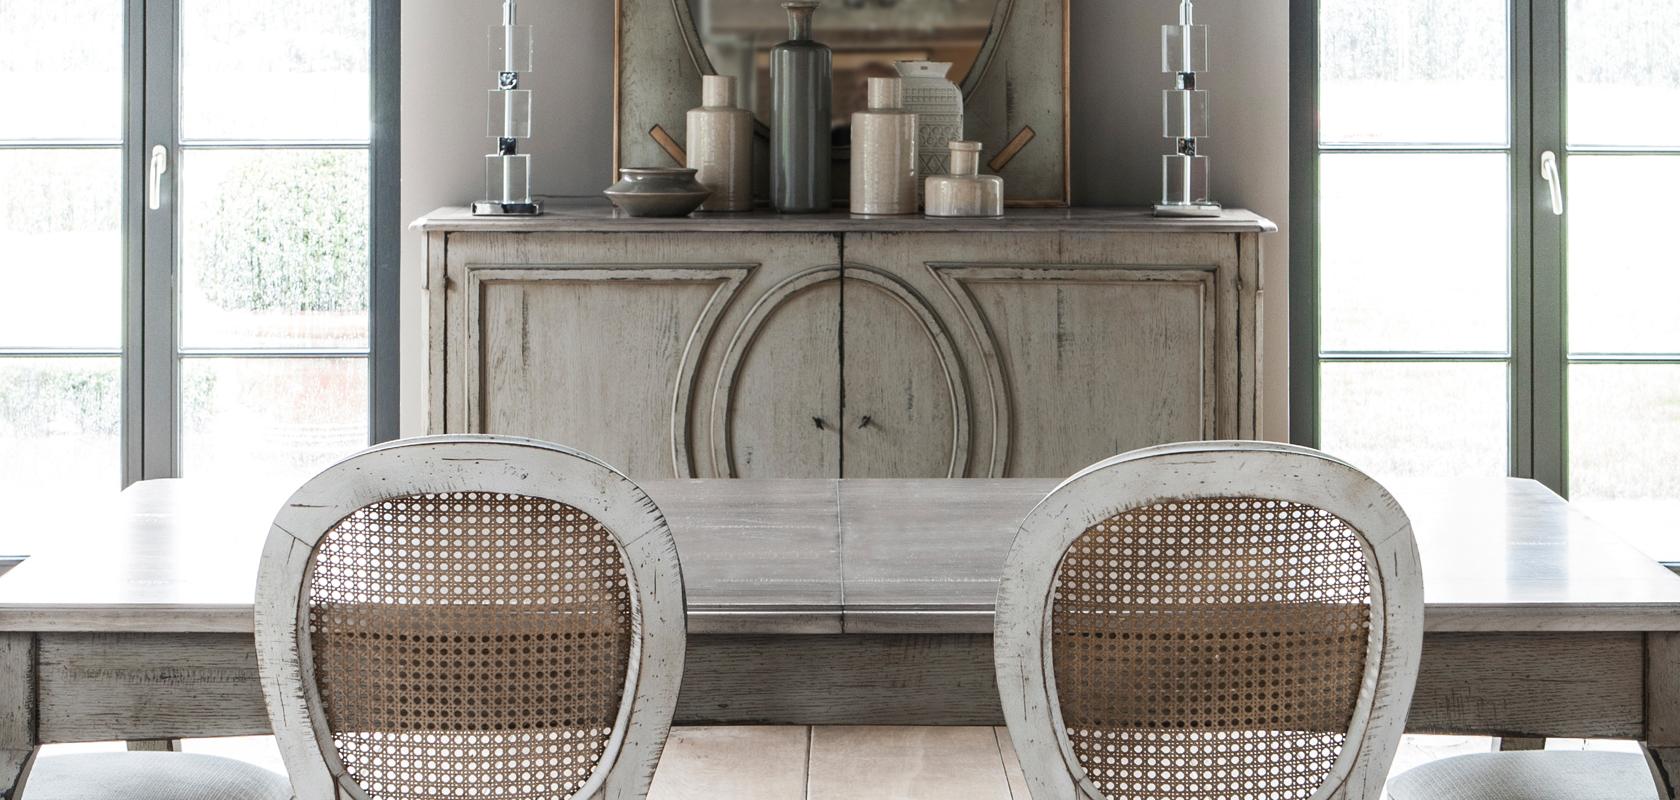 meubles grange haut de gamme coup de soleil mobilier meubles coup de soleil. Black Bedroom Furniture Sets. Home Design Ideas